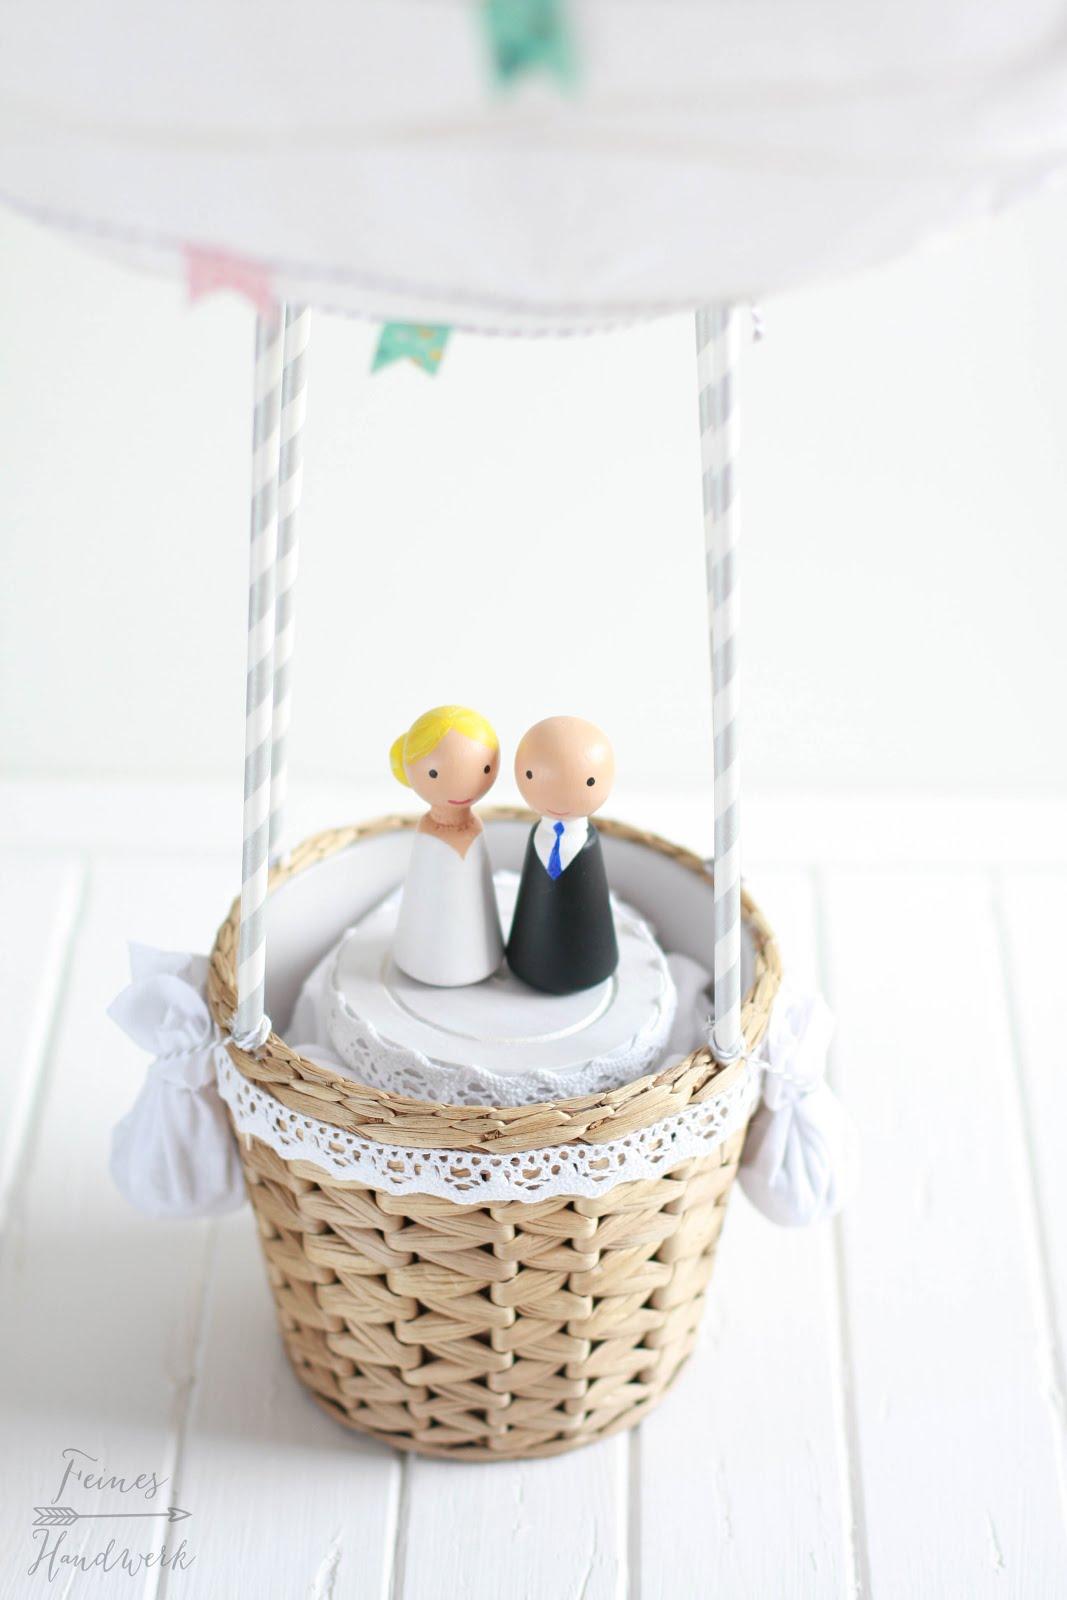 Heissluftballon Basteln Hochzeit Ballon Geldgeschenk Hochzeit